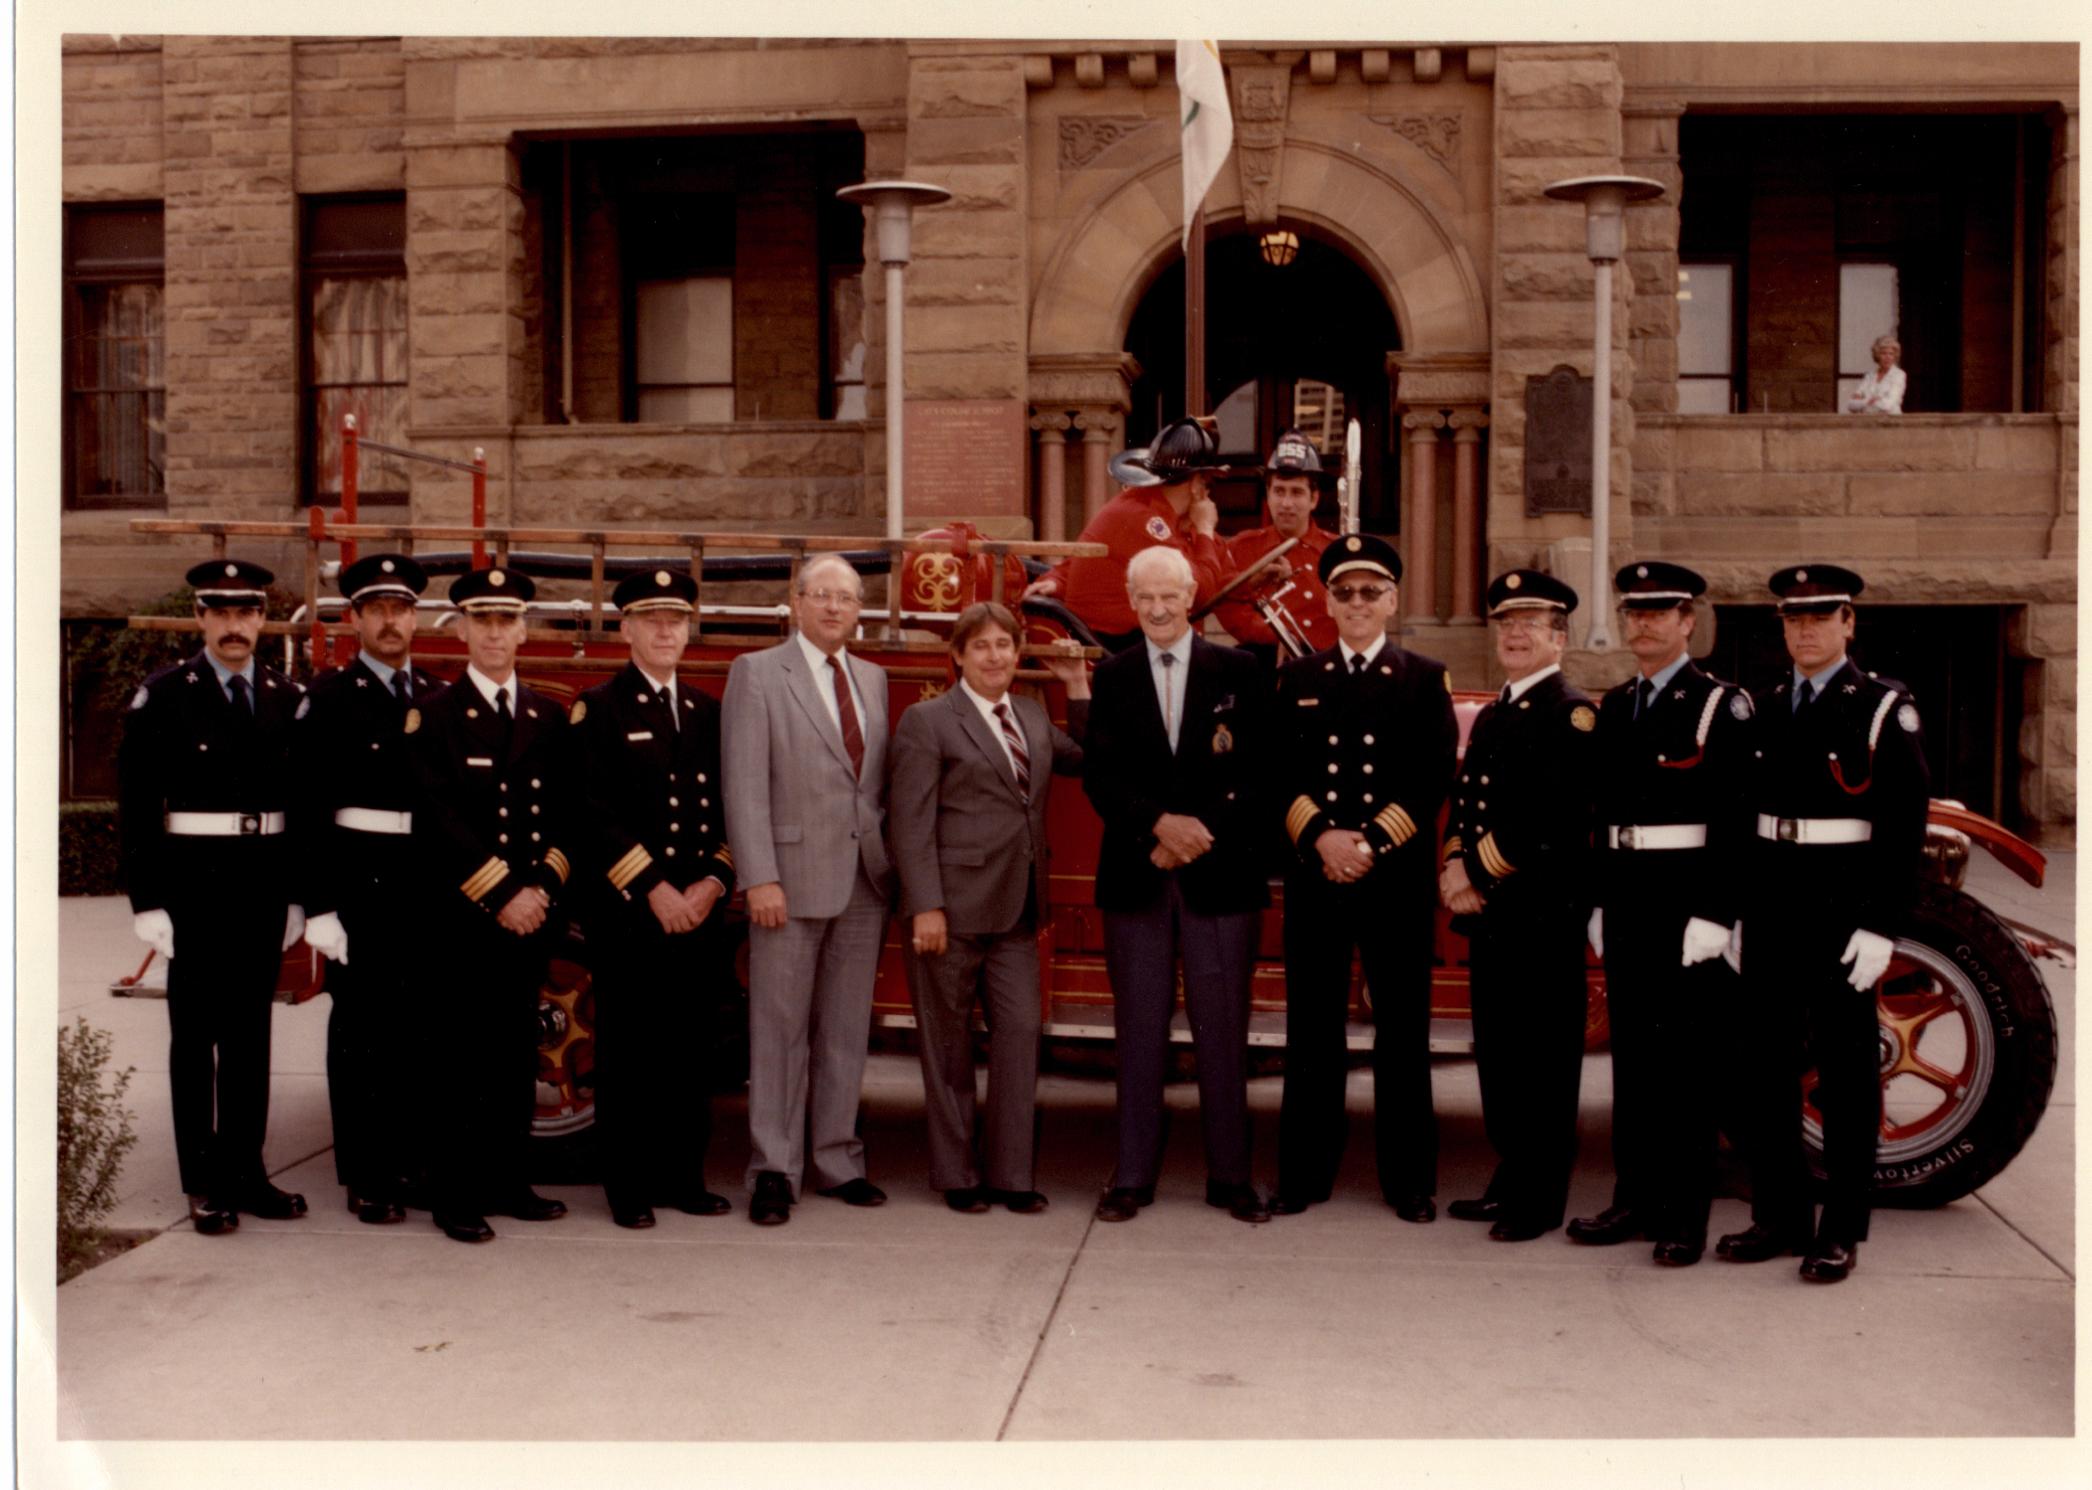 Huit membres de la garde d'honneur avec d'anciens maires, en habit, devant un camion de pompier d'époque et l'hôtel de ville en grès